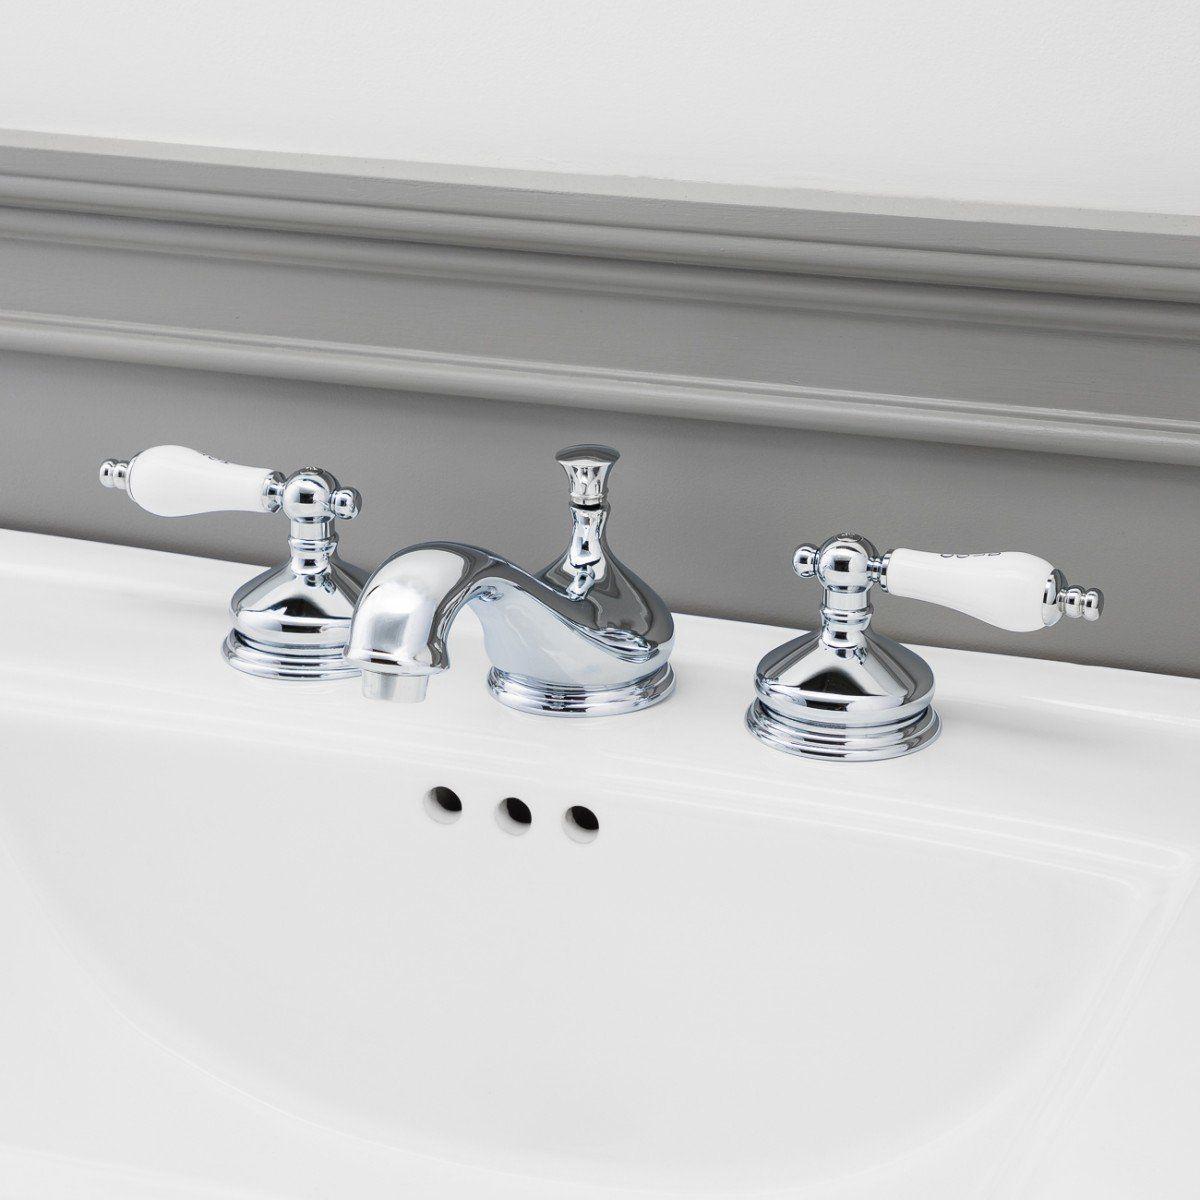 Teapot Widespread Bathroom Sink Faucet Porcelain Lever Handles